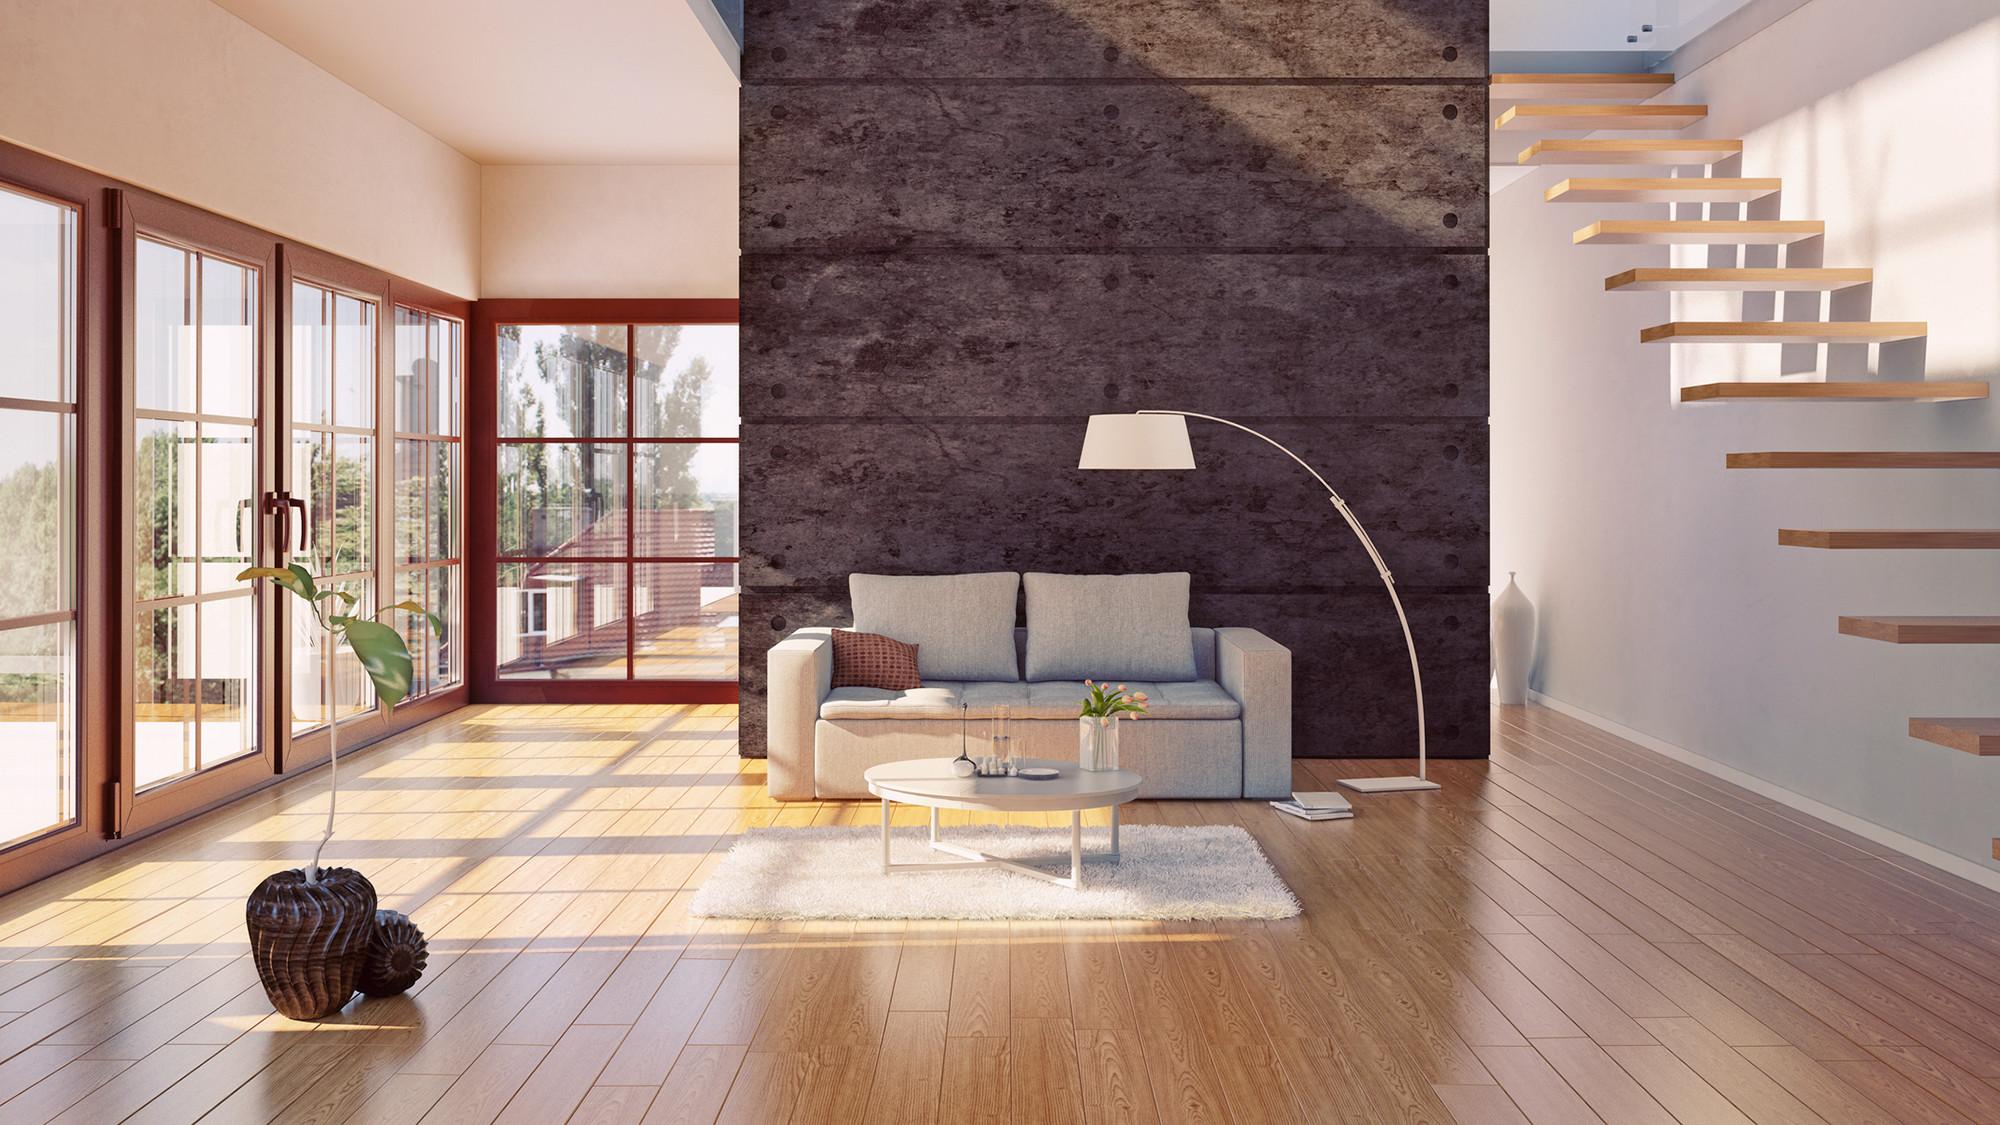 8 plank hardwood flooring of do hardwood floors provide the best return on investment realtor coma intended for hardwood floors investment